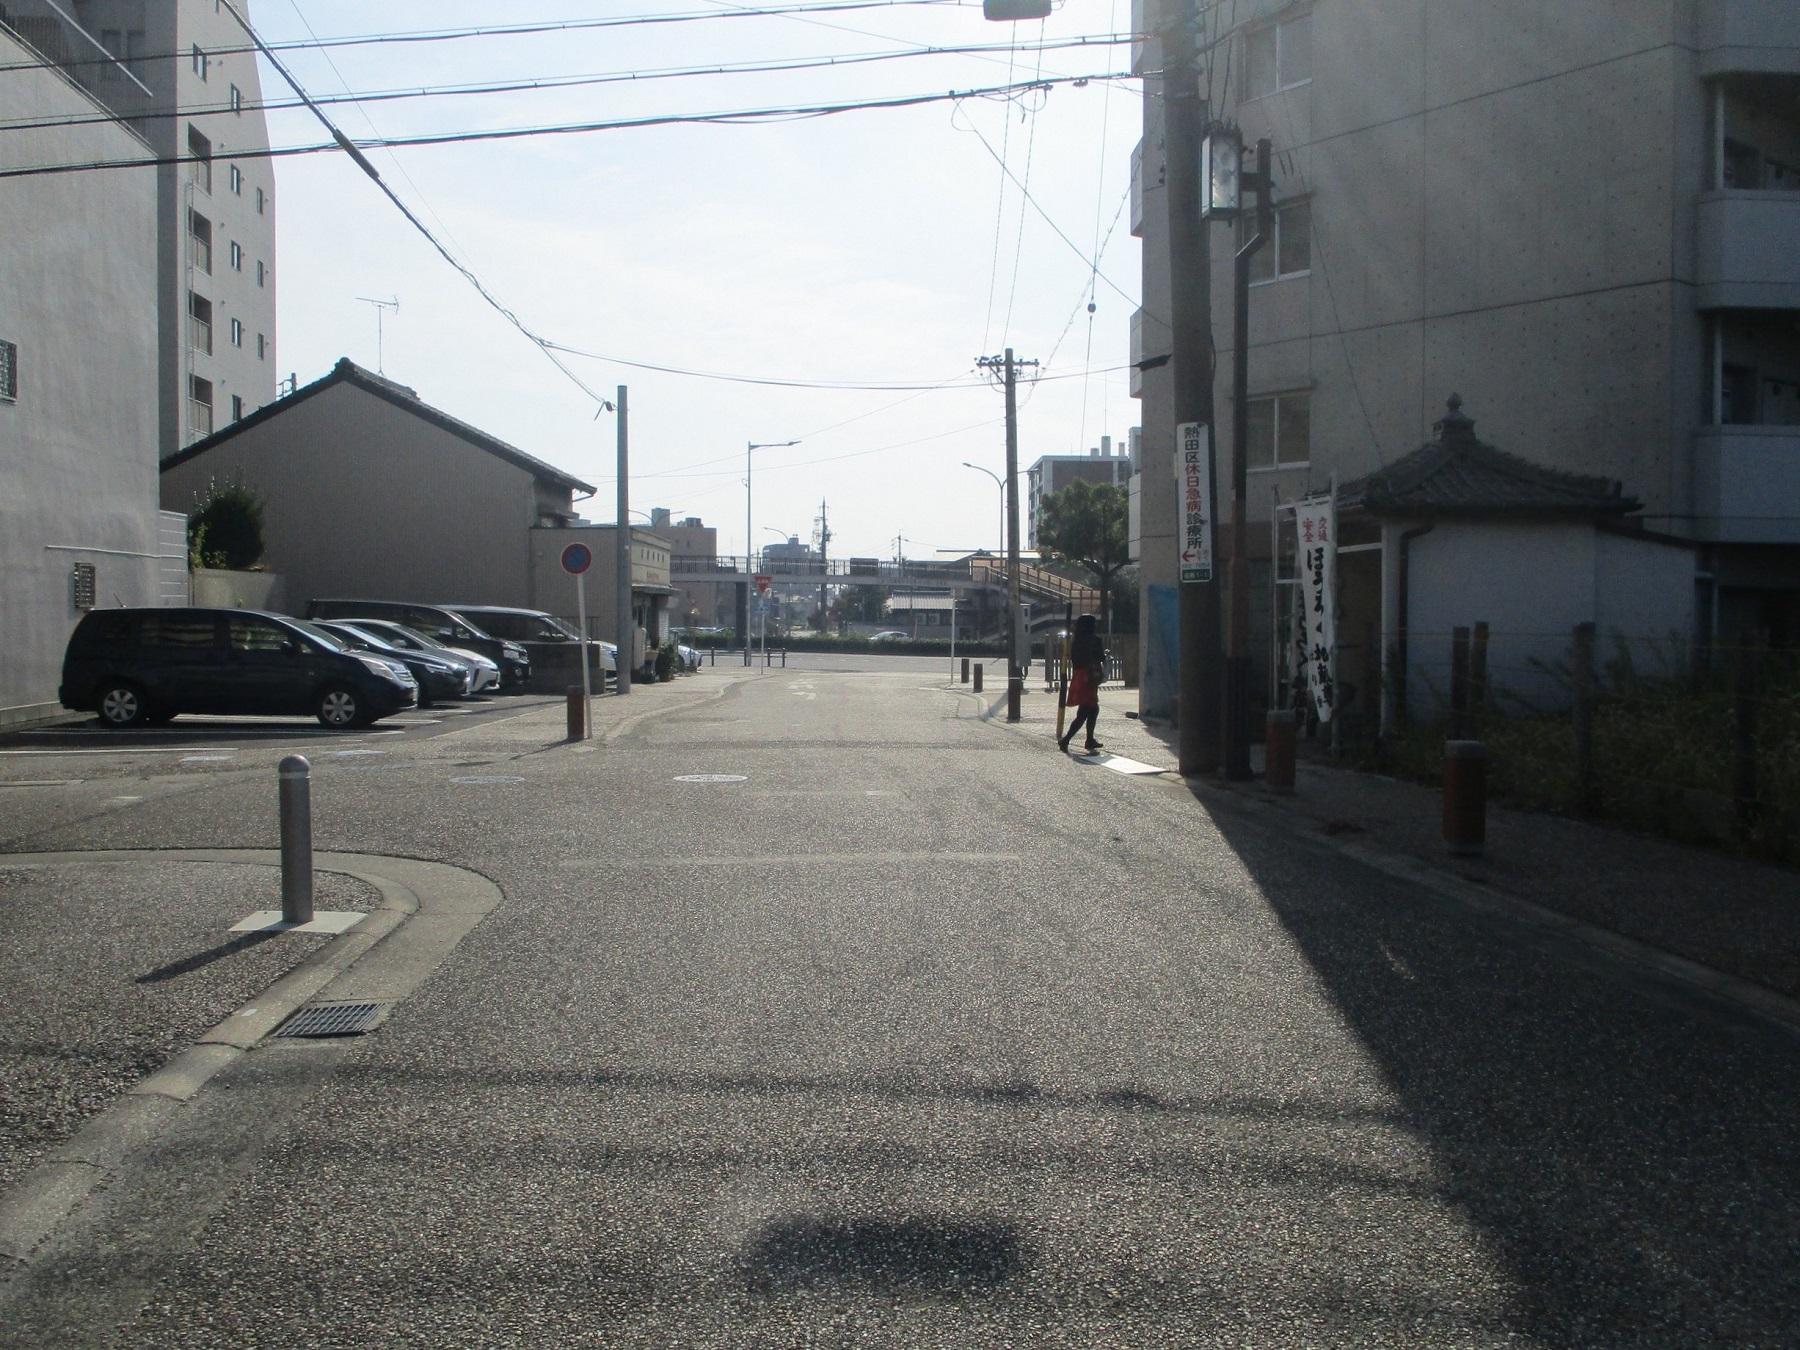 2019.10.31 (31) 宮宿 - 三差路からみなみえ 1800-1350